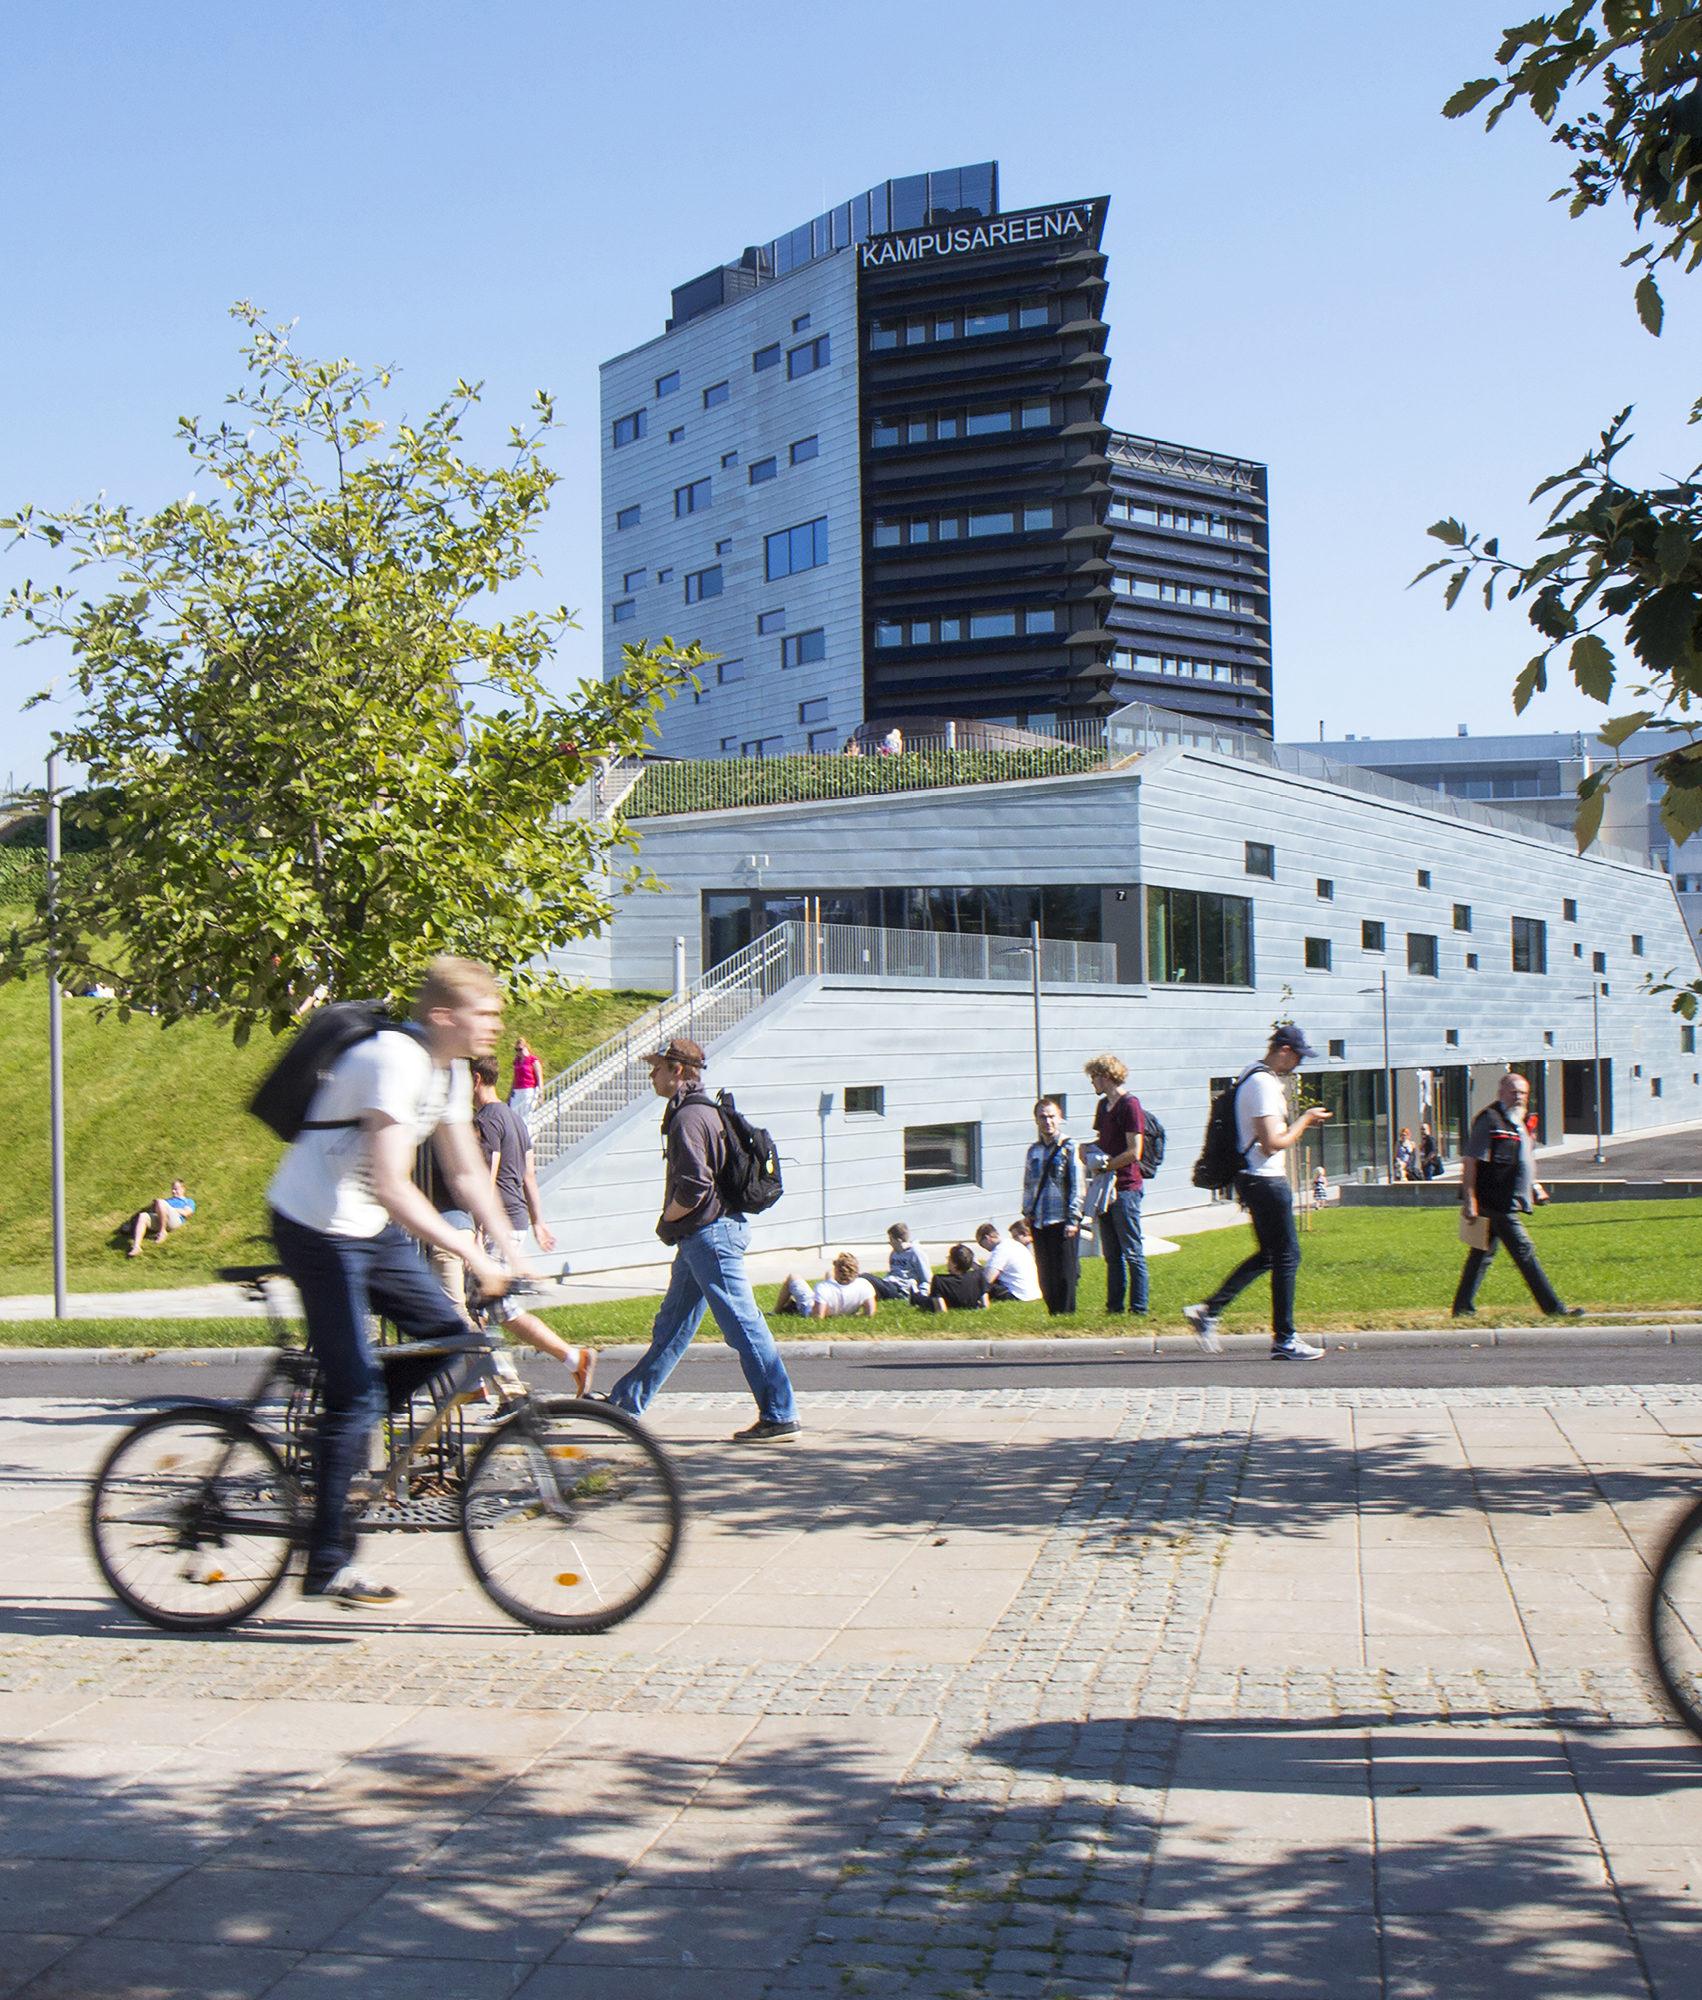 Tampereen teknillisen yliopiston kampusalueen keskelle avattiin  elokuussa 2015 Kampusareena, jossa toimii kymmeniä eri yrityksiä. Viidennessä kerroksessa sijaitsee osaajien kohtauspaikka Kampusklubi.